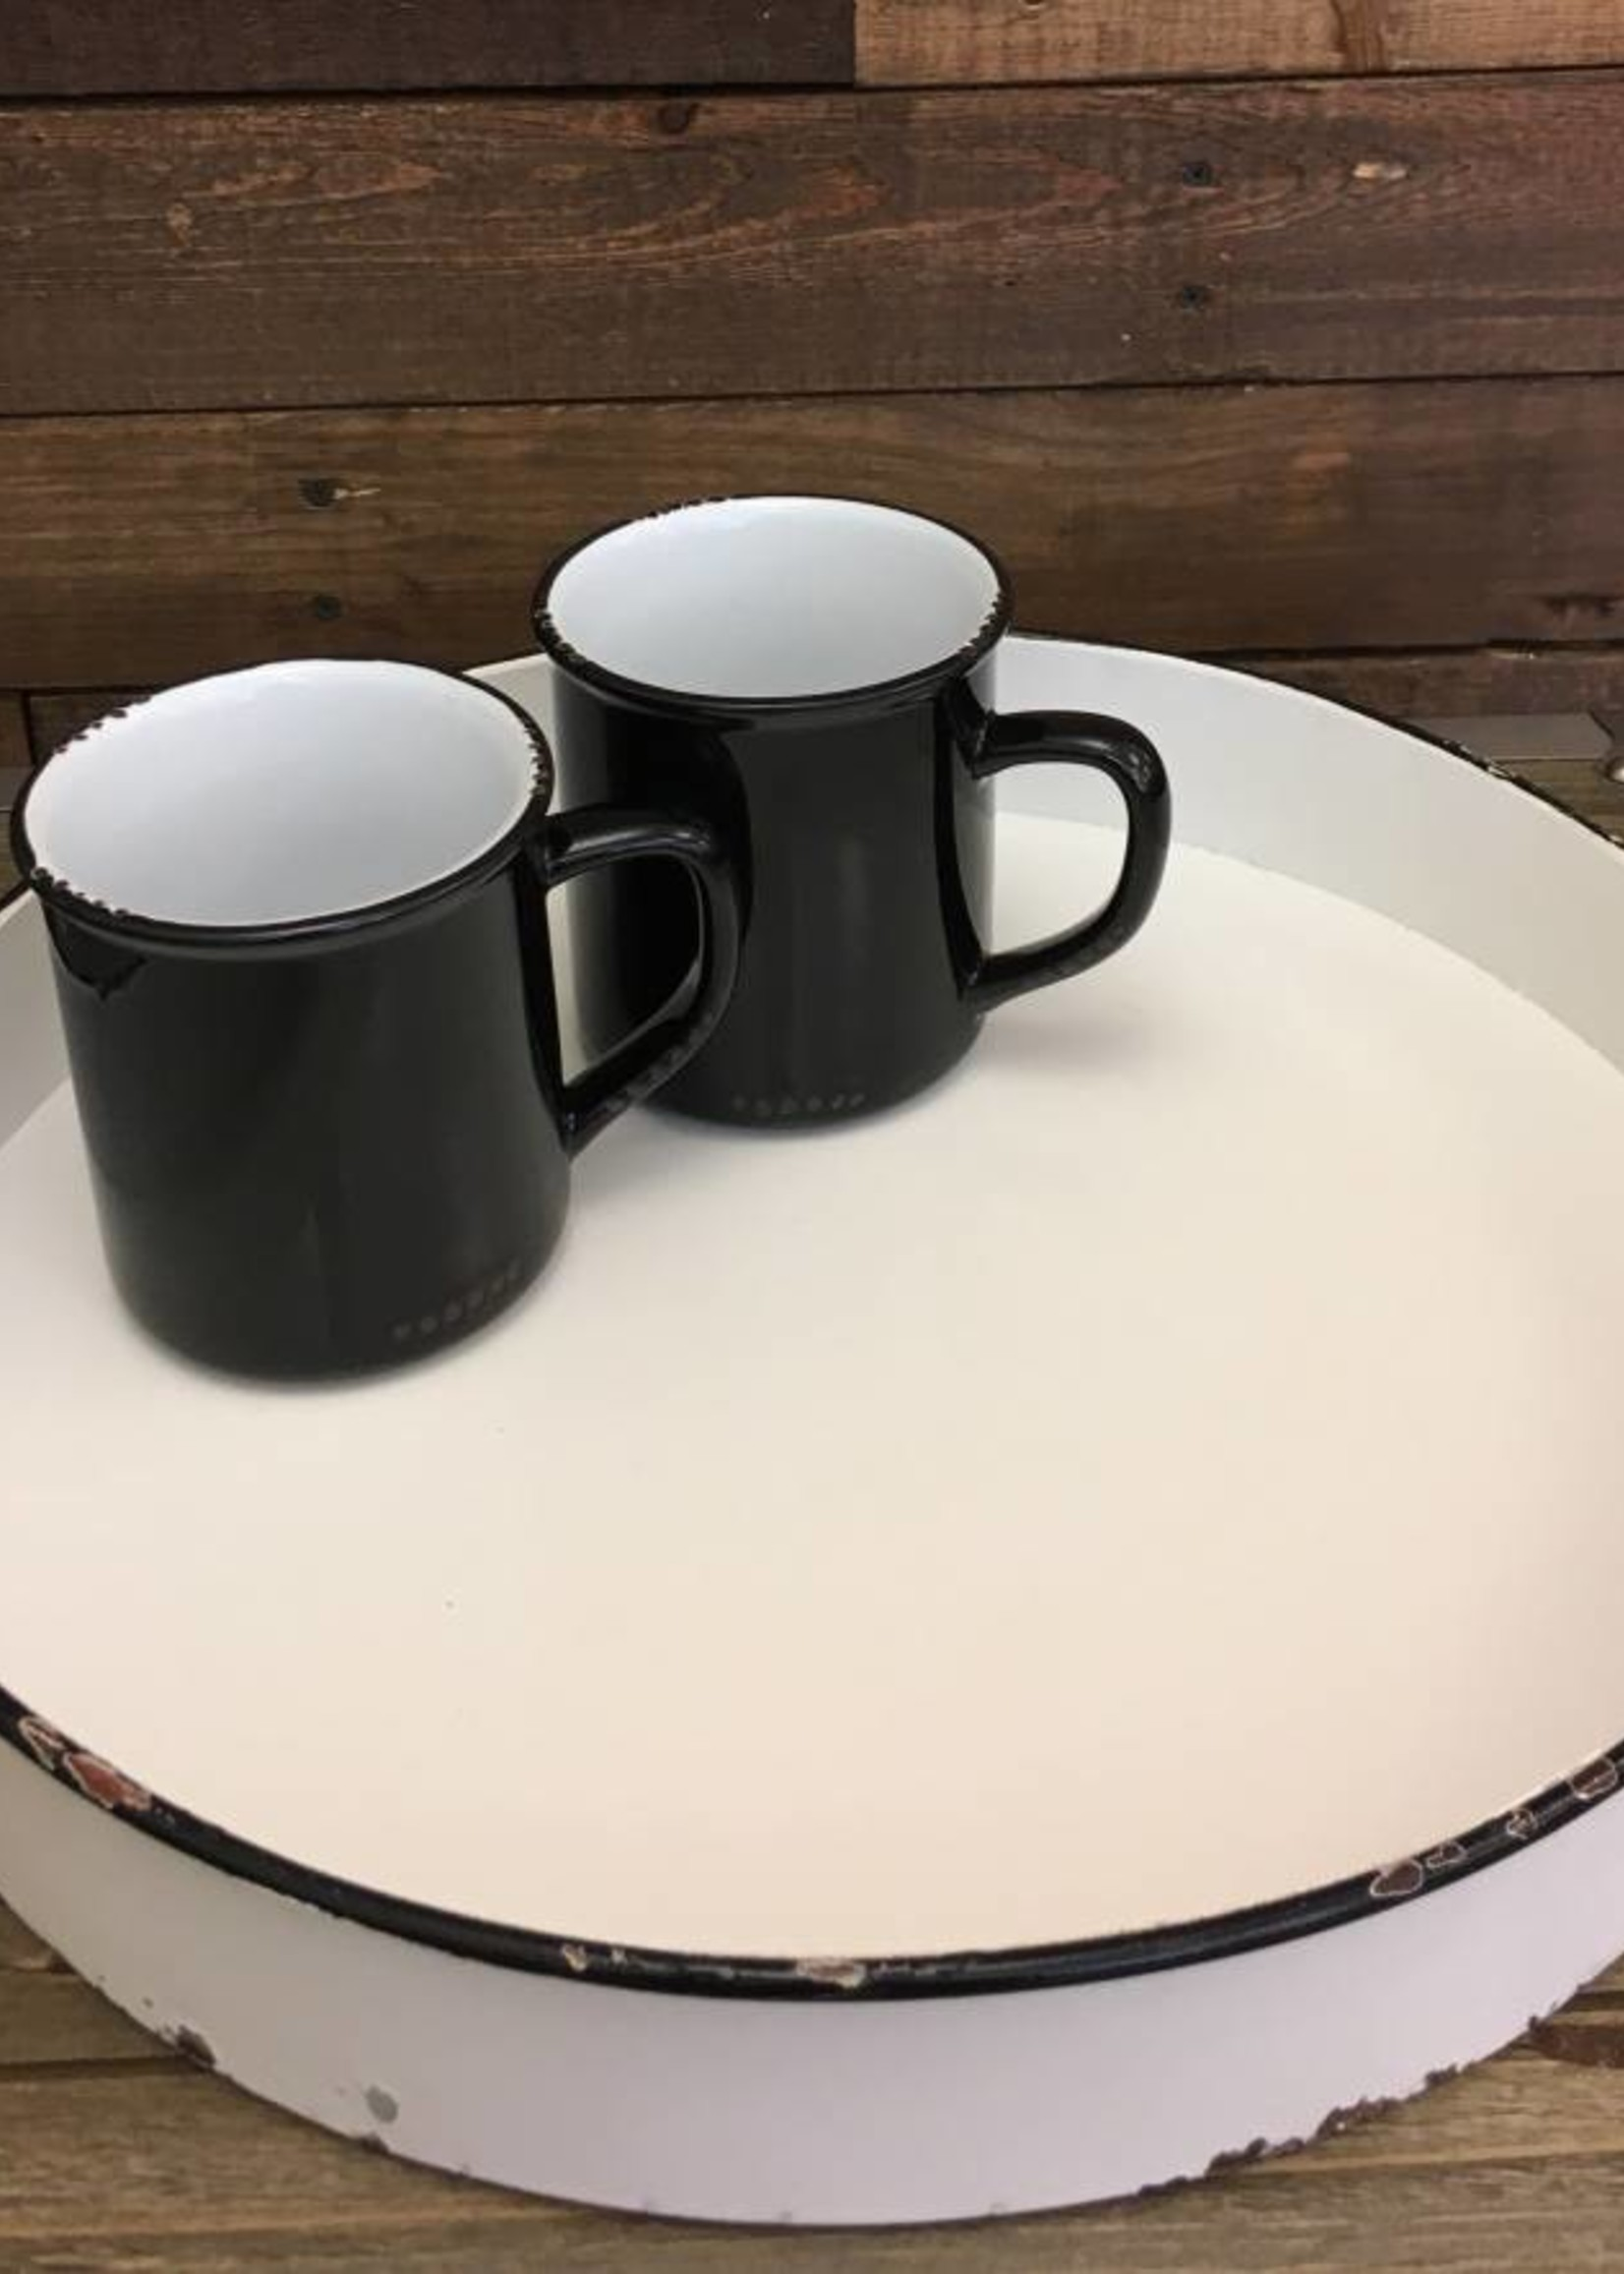 Enamel Looking Mug